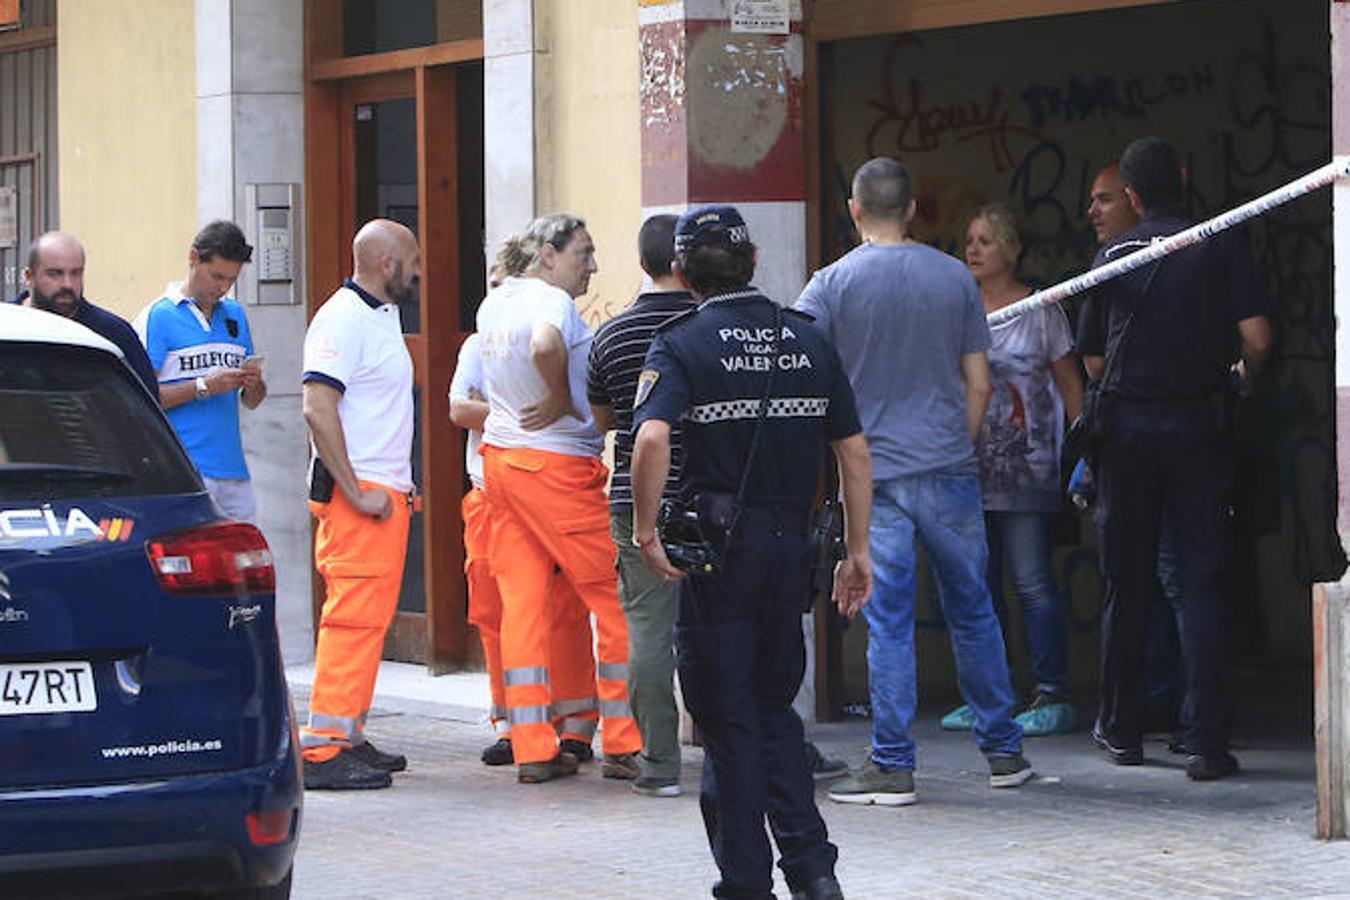 Fotos de la retirada del cadáver de un hombre en la calle Calamocha de Valencia